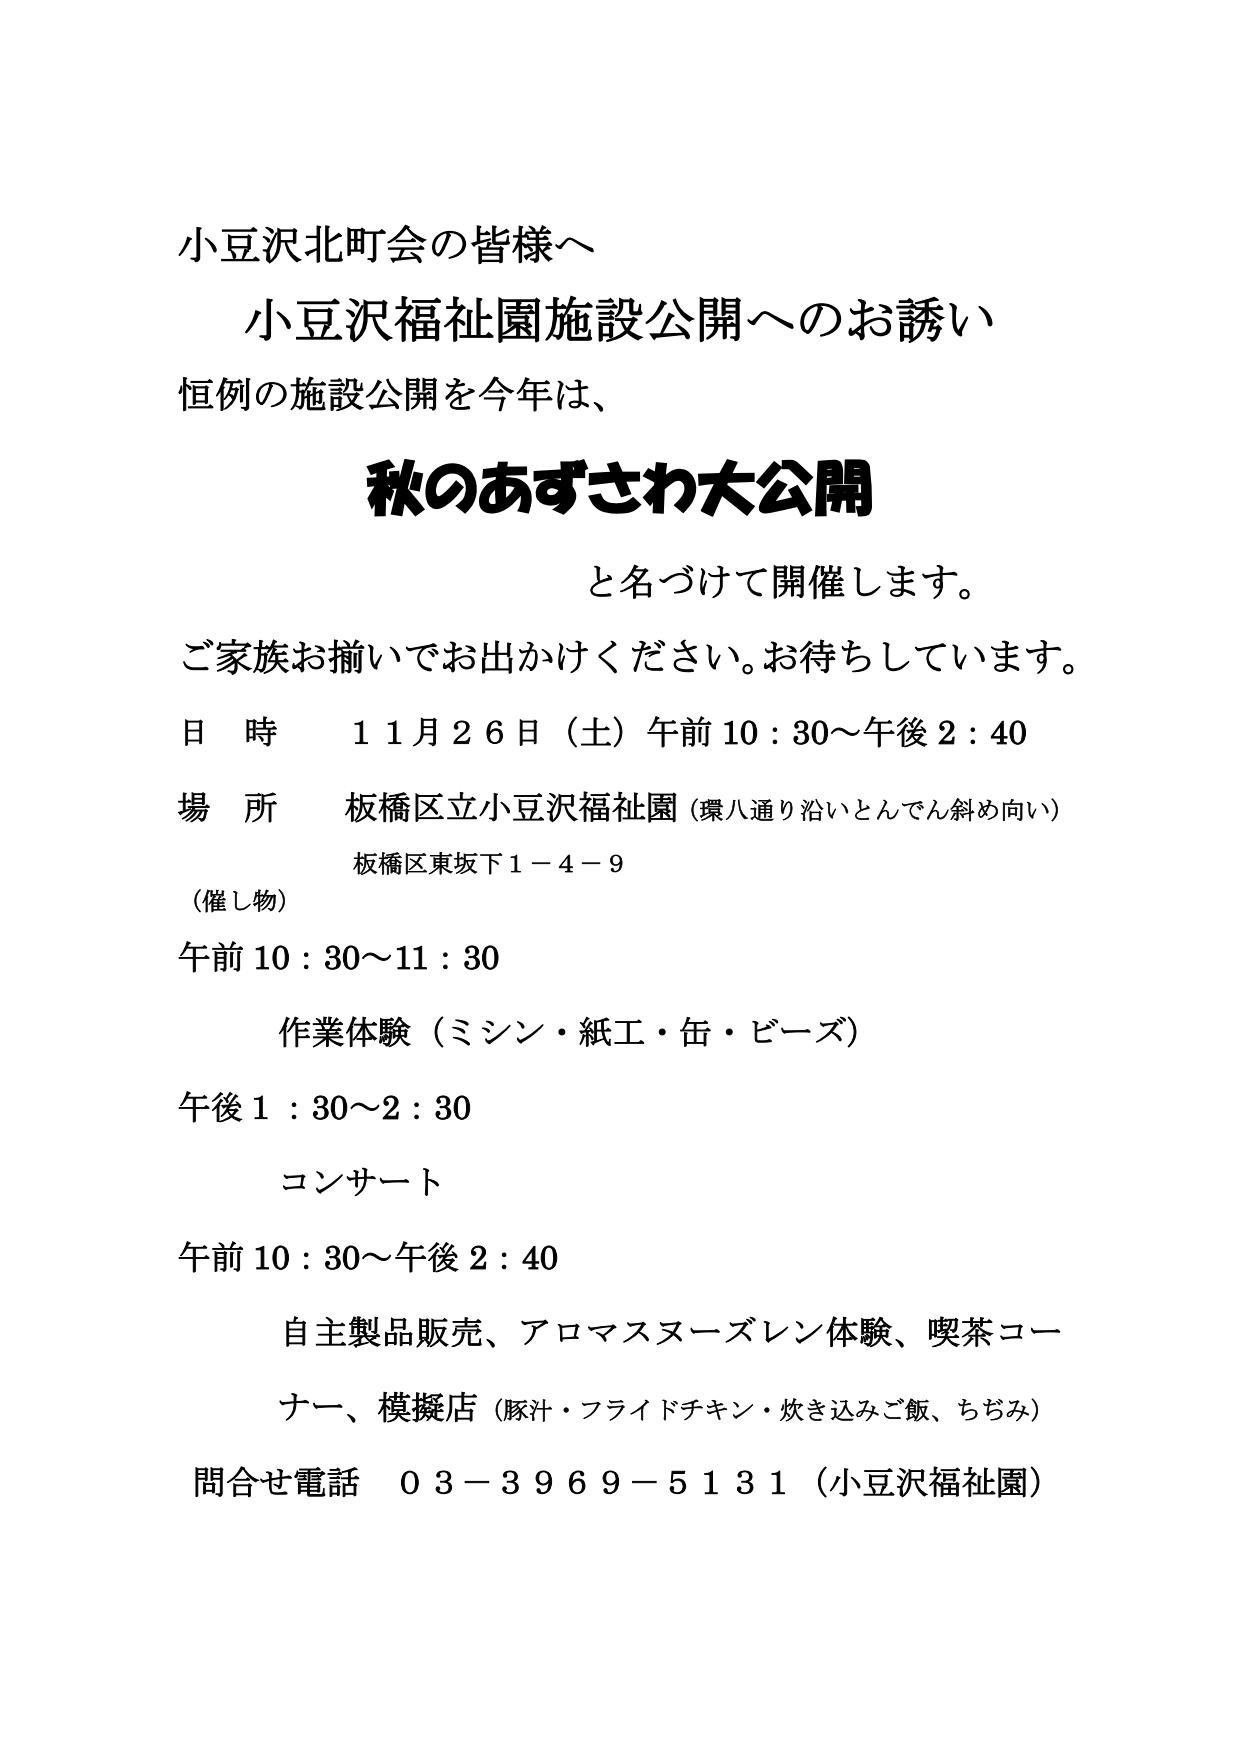 小豆沢福祉園2011秋のあずさわ大公開